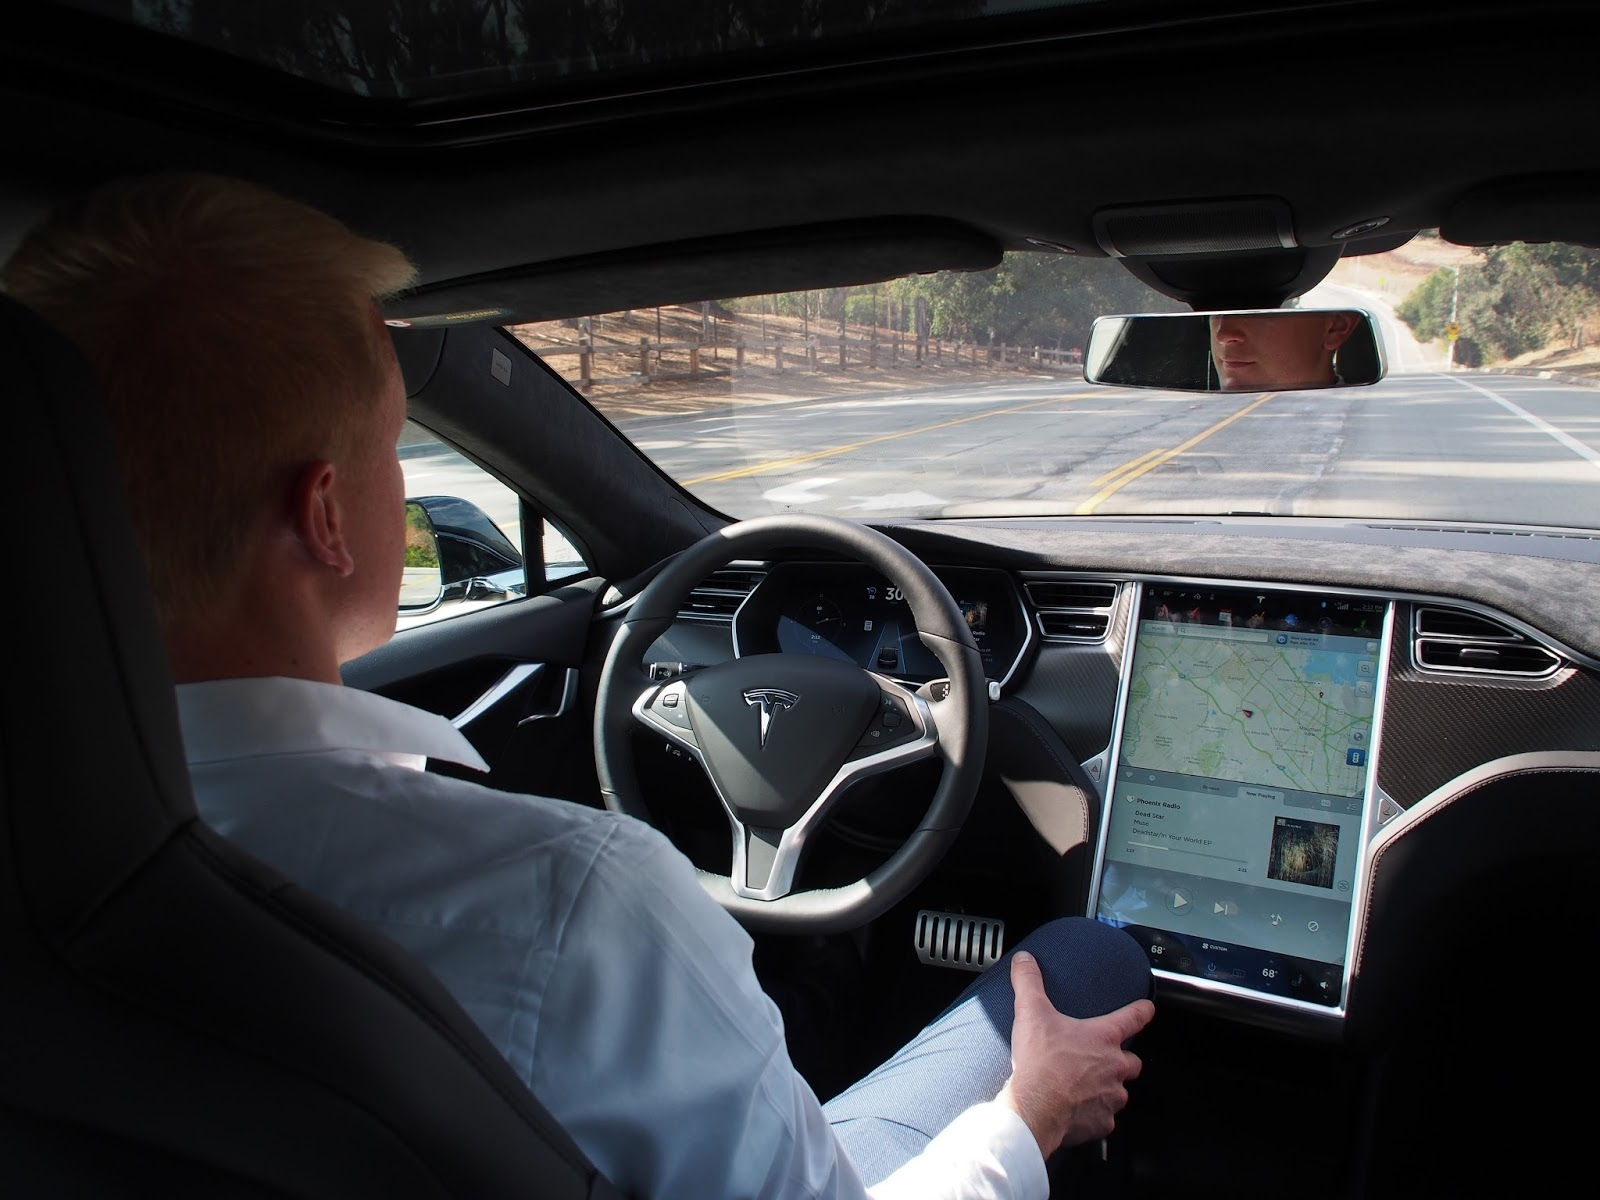 Πως ασφαλίζονται τα αυτόνομα αυτοκίνητα;